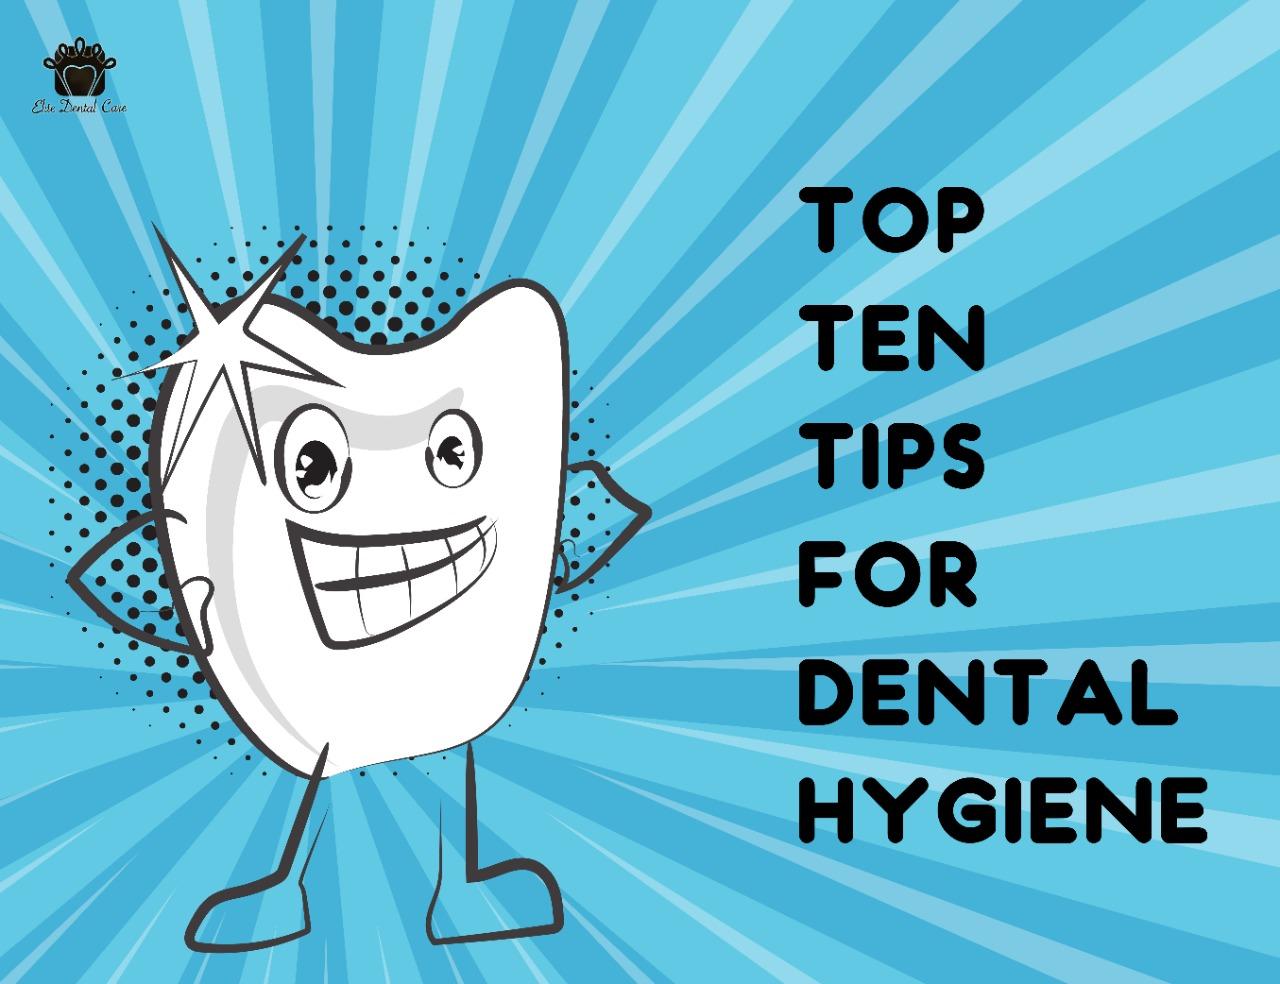 Top ten tips for dental hygiene